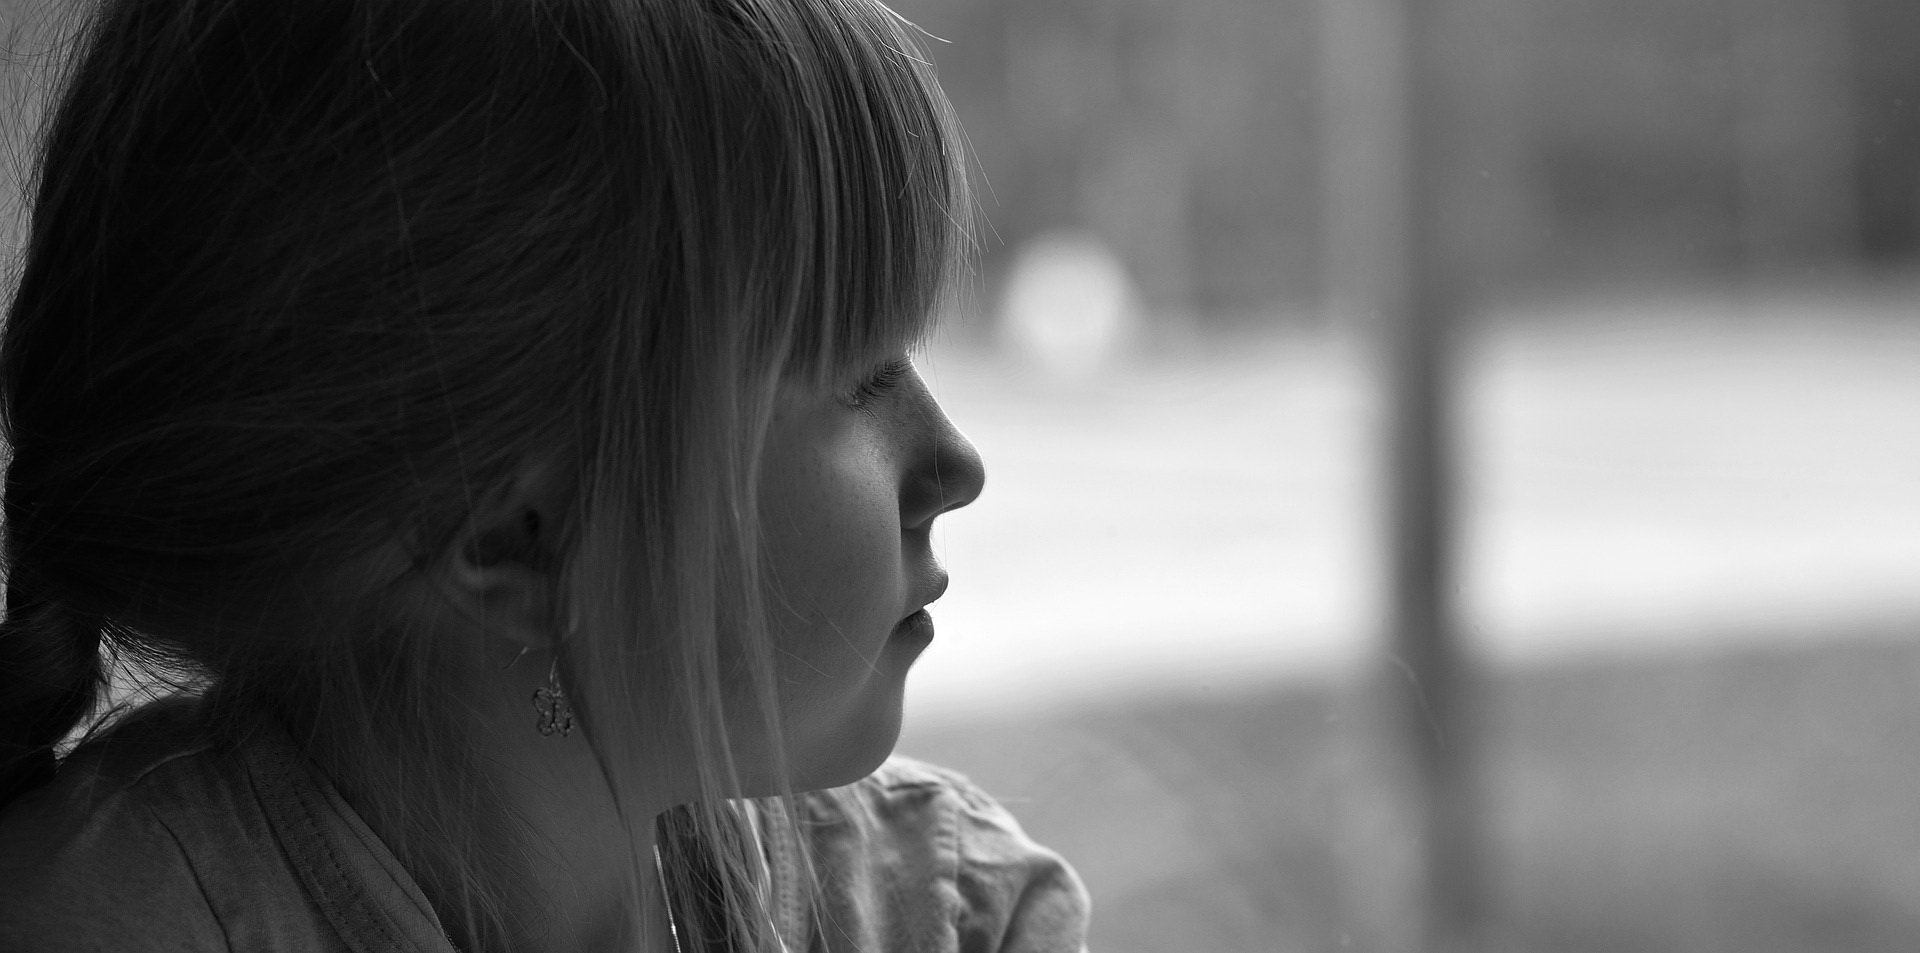 Problemy dziecka w kontaktach z rówieśnikami. problemy społeczne dziecka